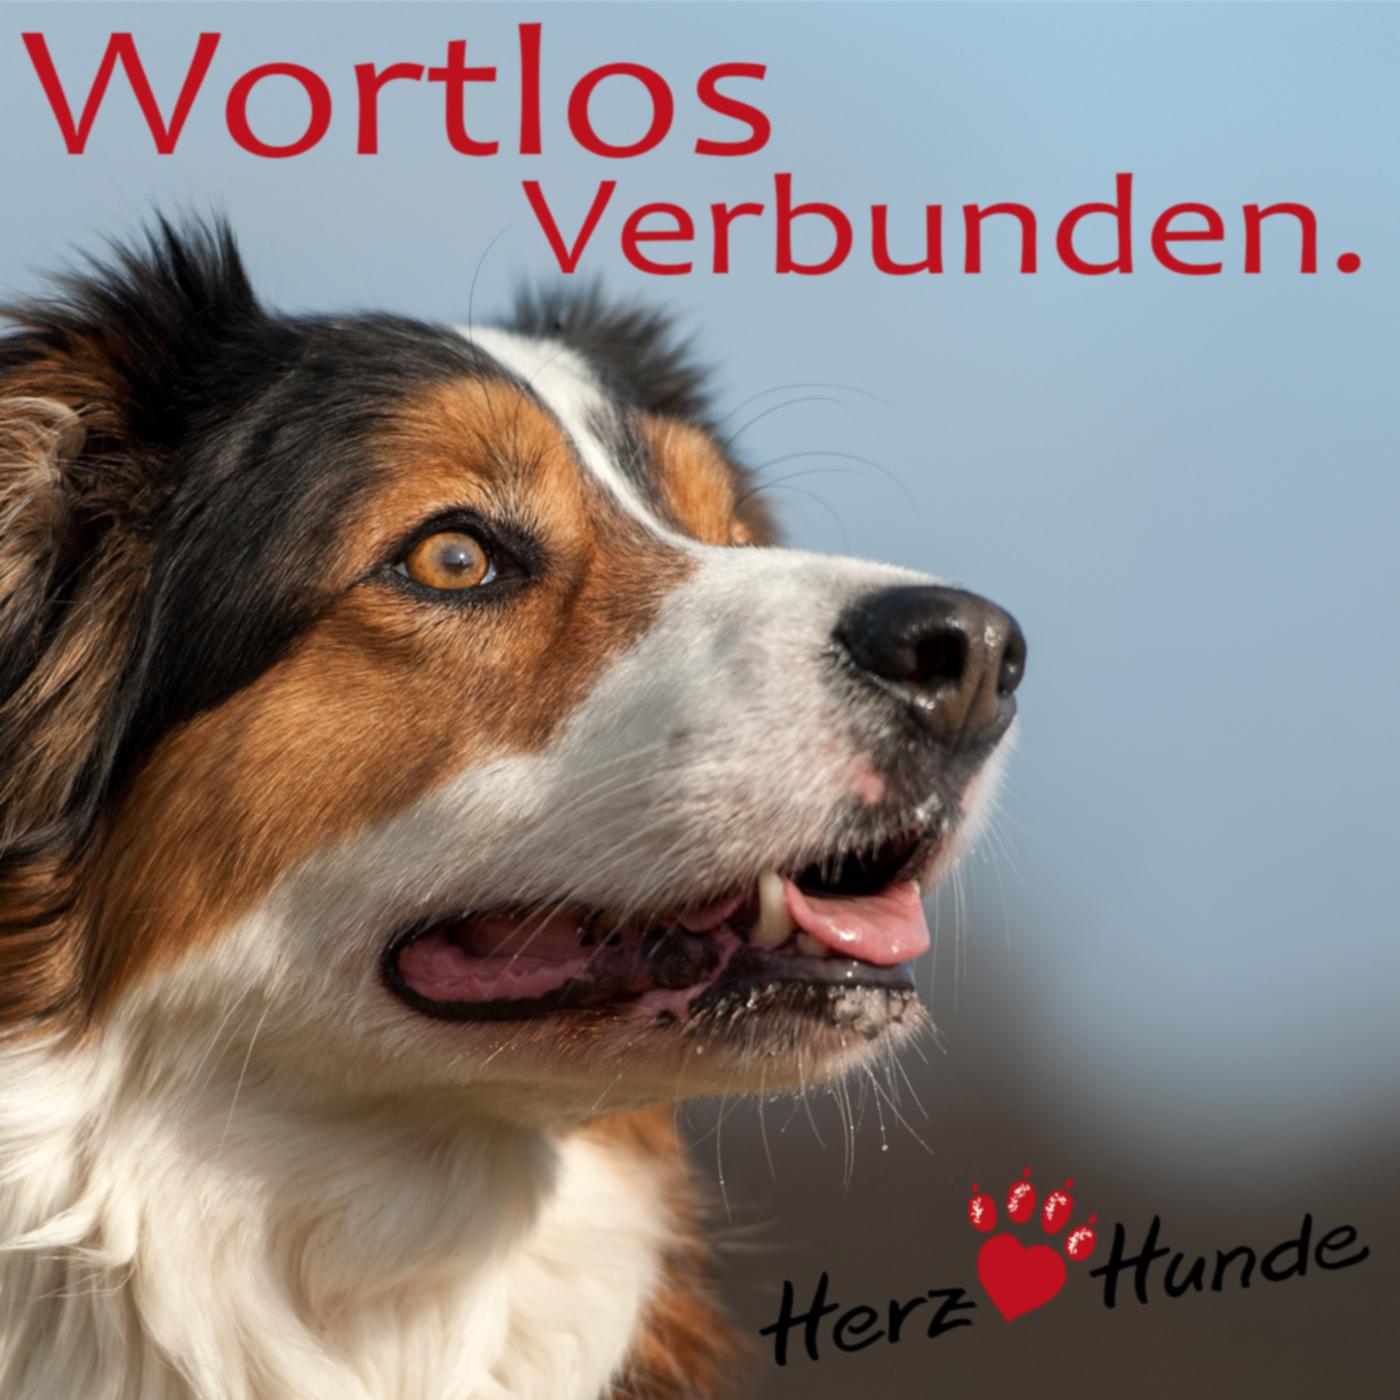 Deine Gassi-Runde als Heldenreise > mit Deinem Hund wortlos verbunden! show art